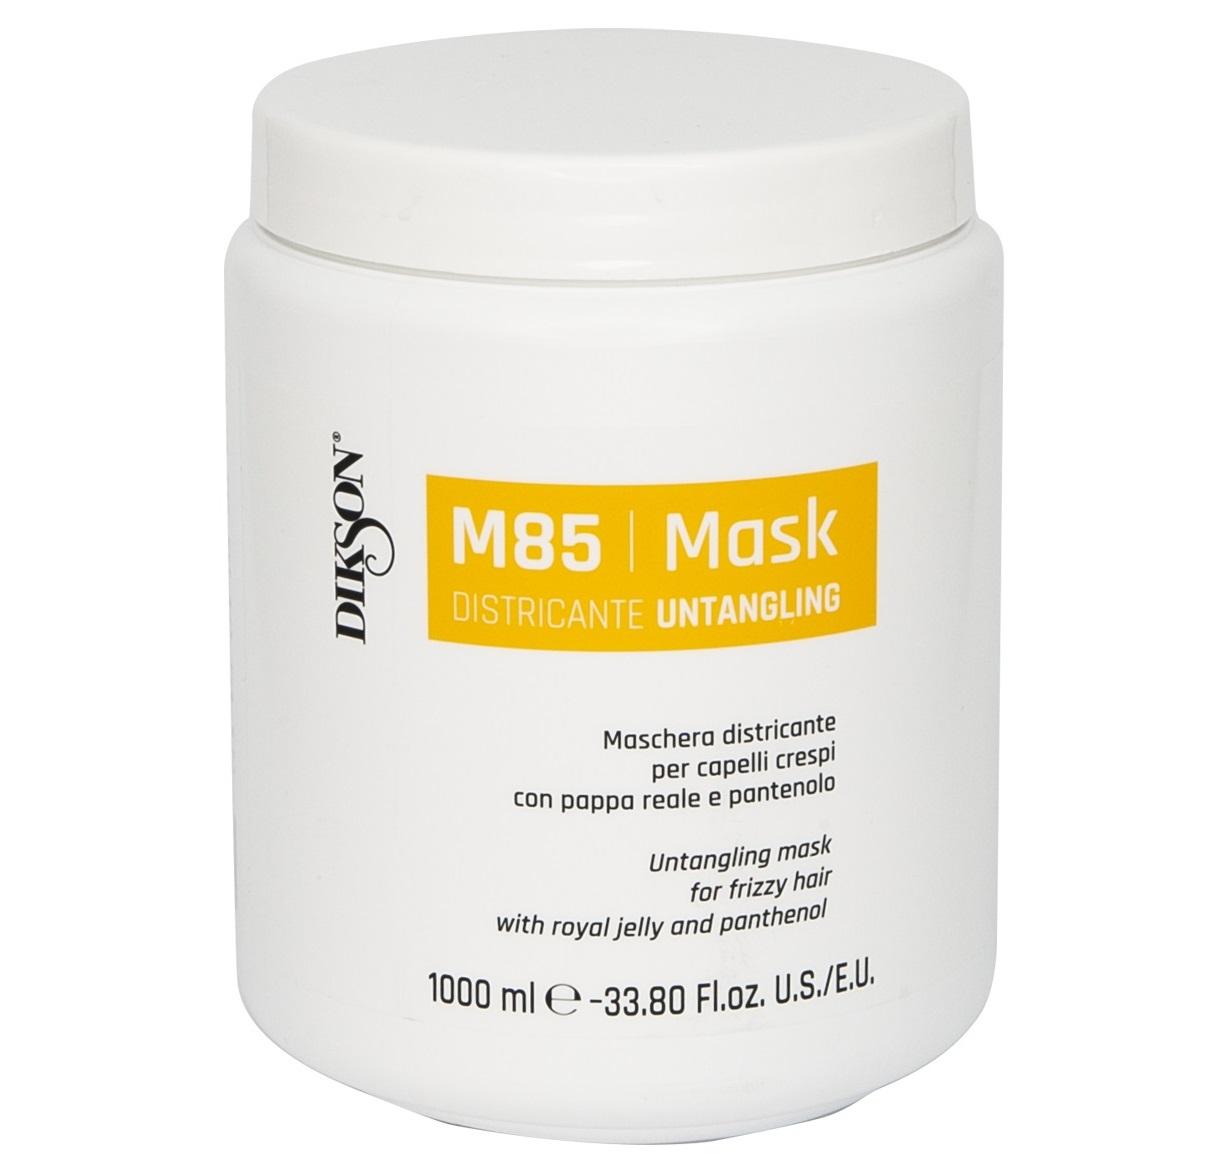 Купить DIKSON Маска для облегчения расчёсывания пушистых волос с маточным молочком и пантенолом / MASK DISTRICANTE M85 1000 мл